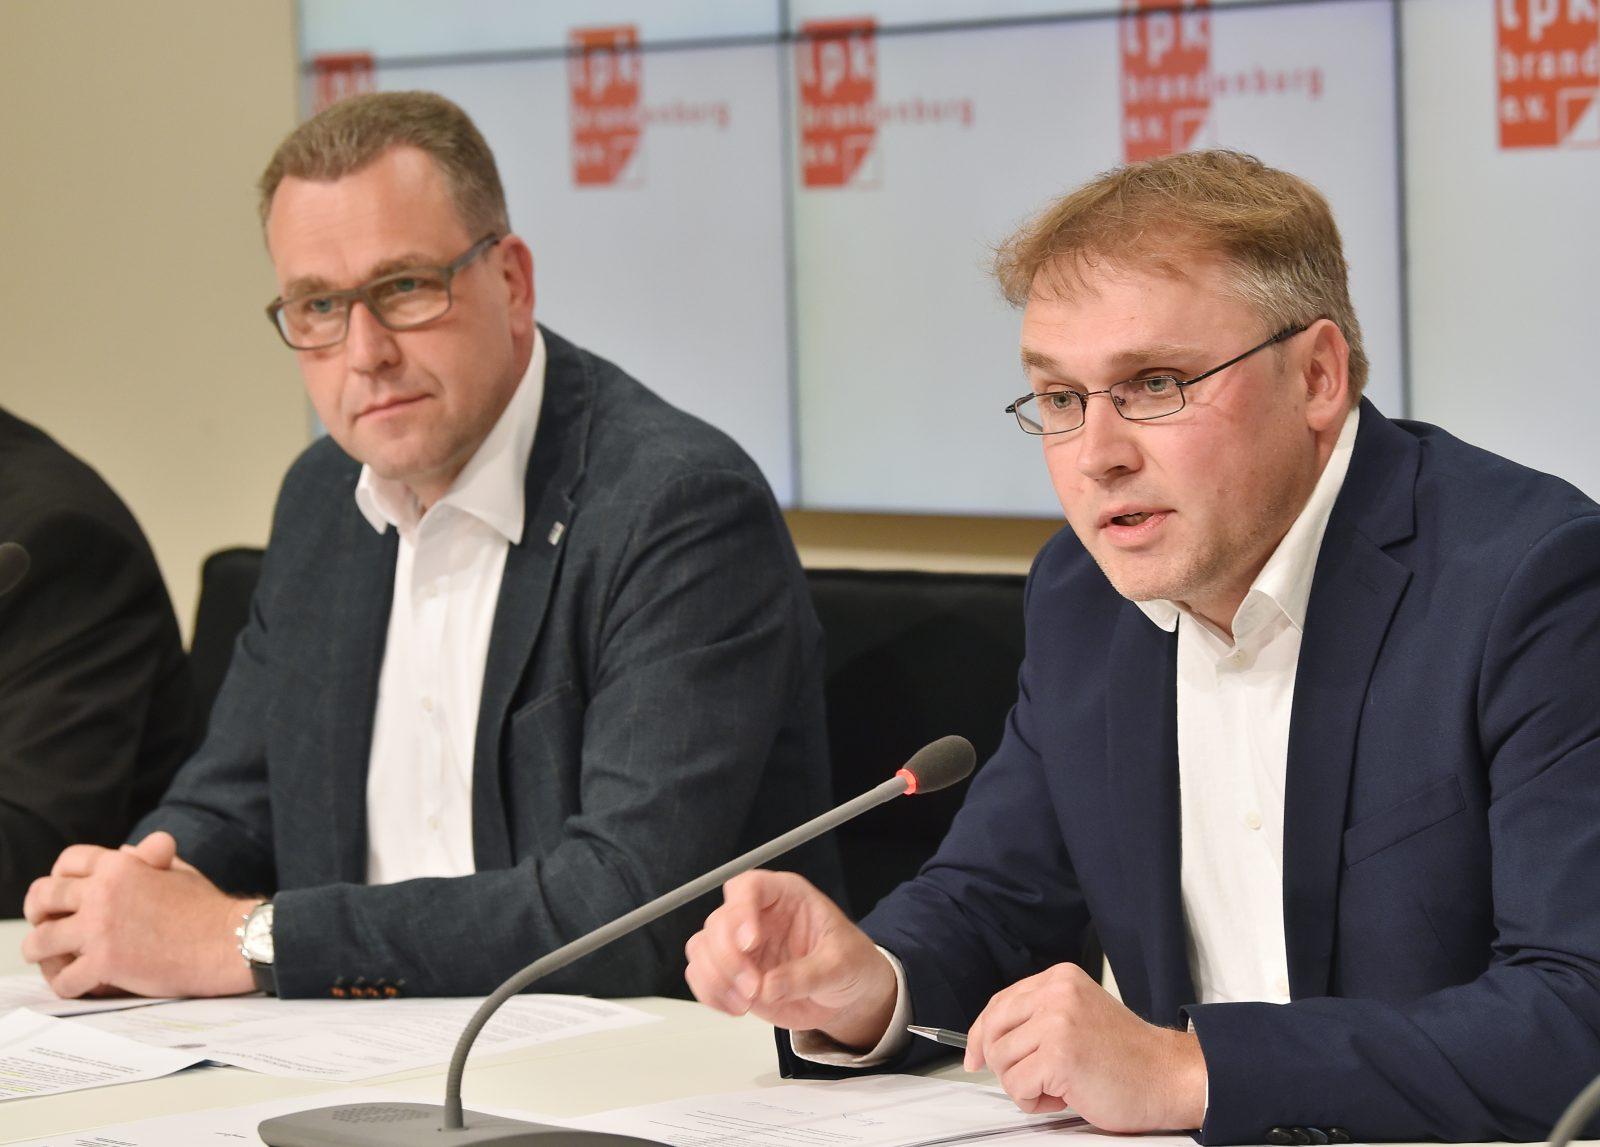 Der Kreisvorsitzende der Linkspartei in der Lausitz, Matthias Löhr (rechts): Er will zwei Parteikollegen rauswerfen, weil sie gemeinsam mit der AfD für einen Antrag gestimmt haben